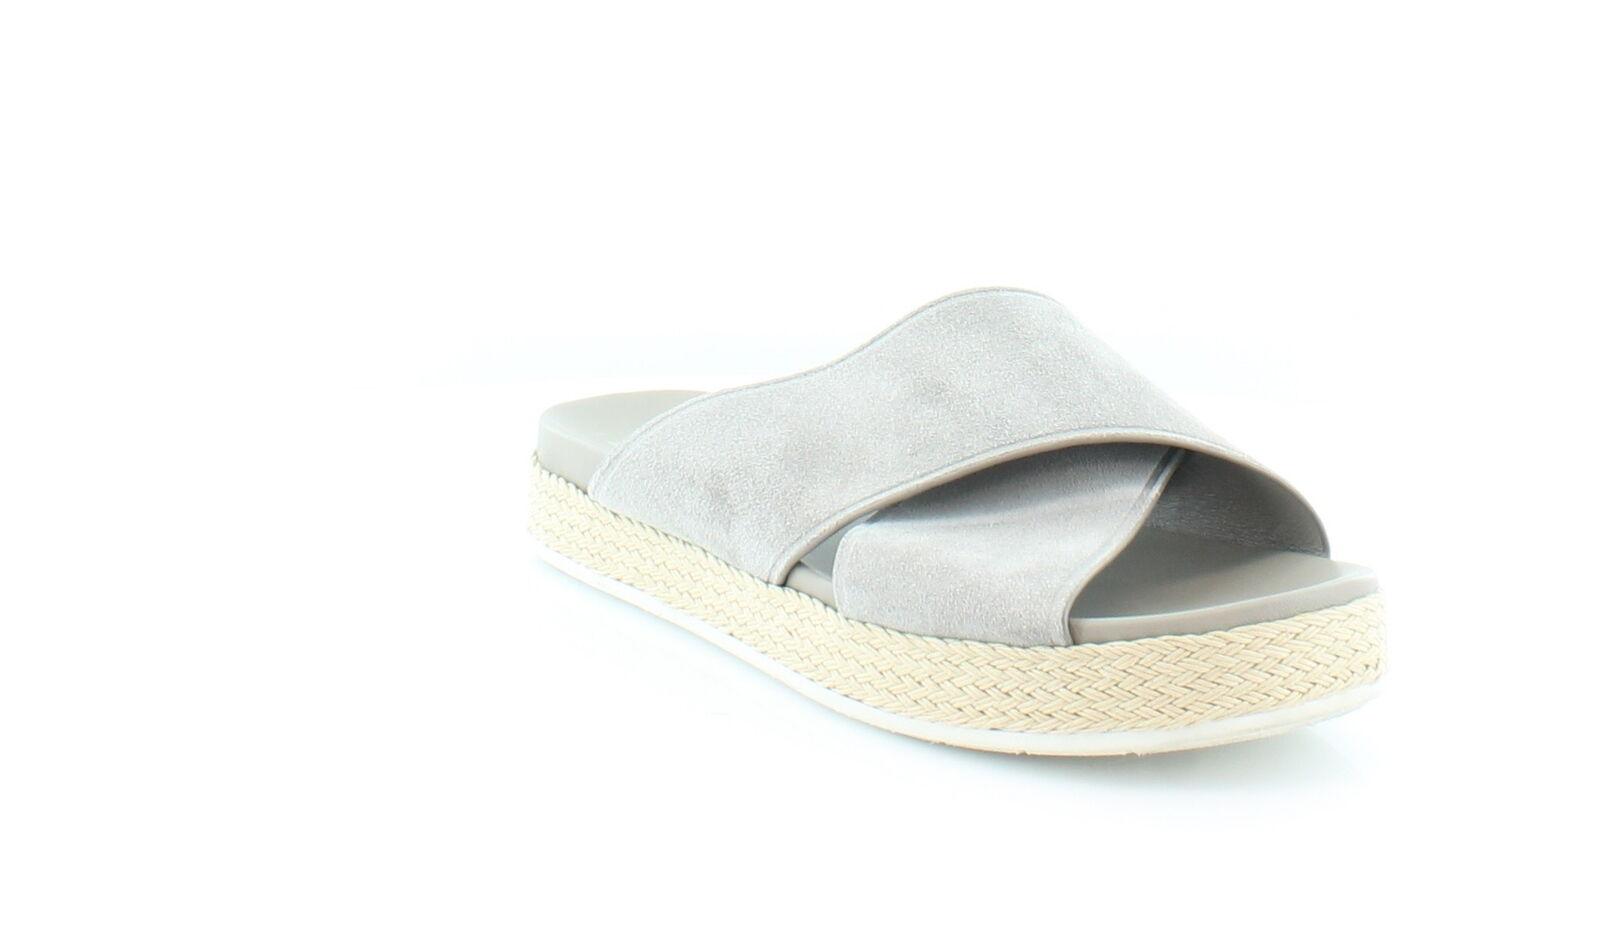 Vince villaire villaire villaire gris Sandalias De Mujer Zapatos Talla 7 M precio minorista sugerido por el fabricante  195  minorista de fitness